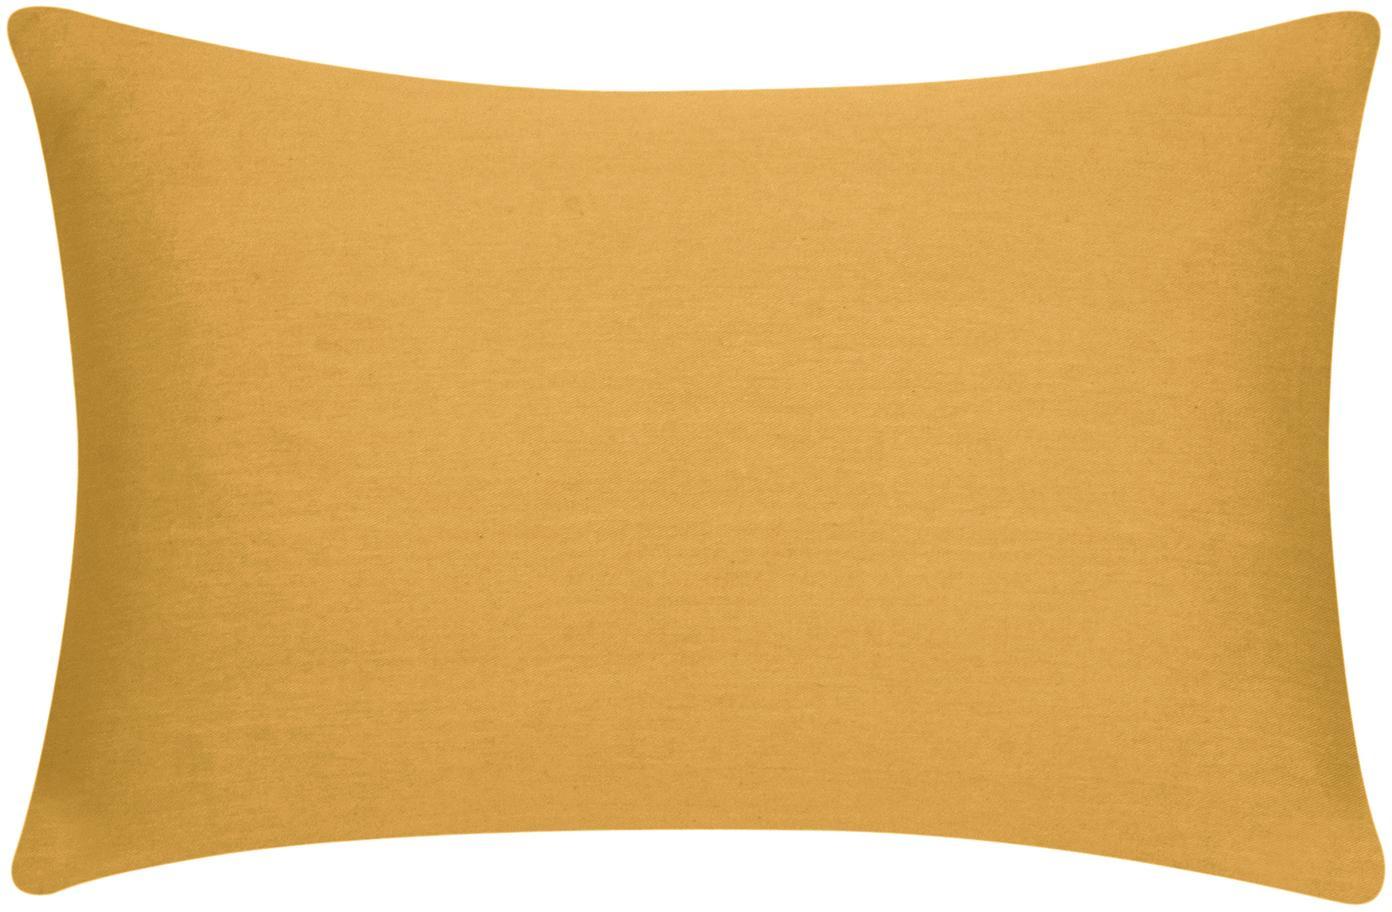 Federa arredo in cotone giallo senape Mads, 100% cotone, Giallo senape, Larg. 30 x Lung. 50 cm